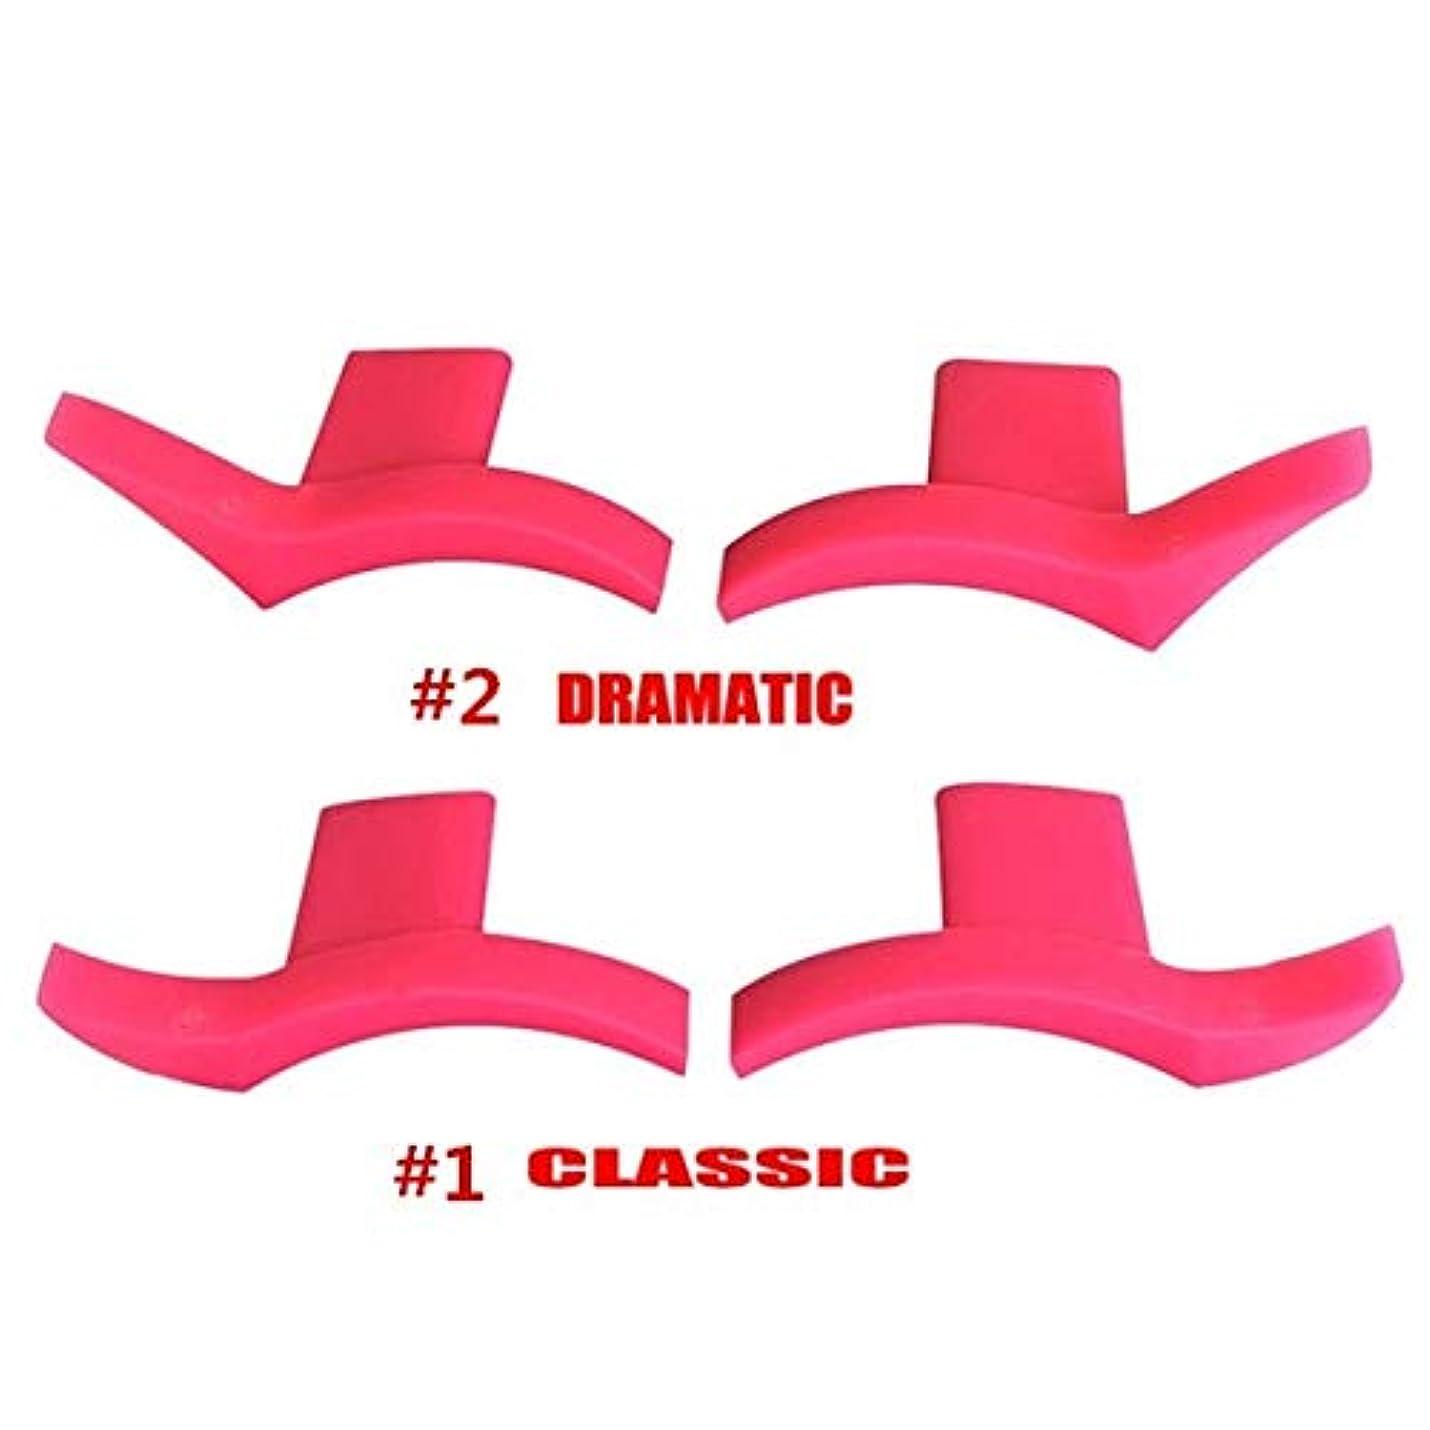 名声オンダイジェストSemperole - 4本アイライナー金型翼は目ウィングリキッドアイライナーツール美容ポータブル化粧品[劇的+クラシック]を着やすいスタンプシール